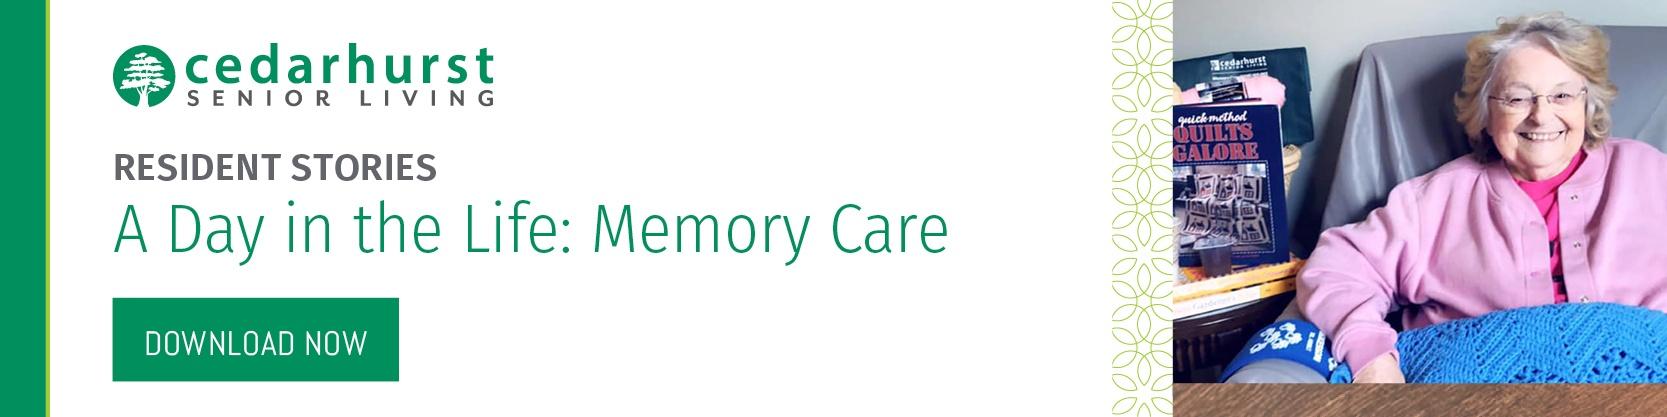 Cedarhurst of Edwardsville memory care resident